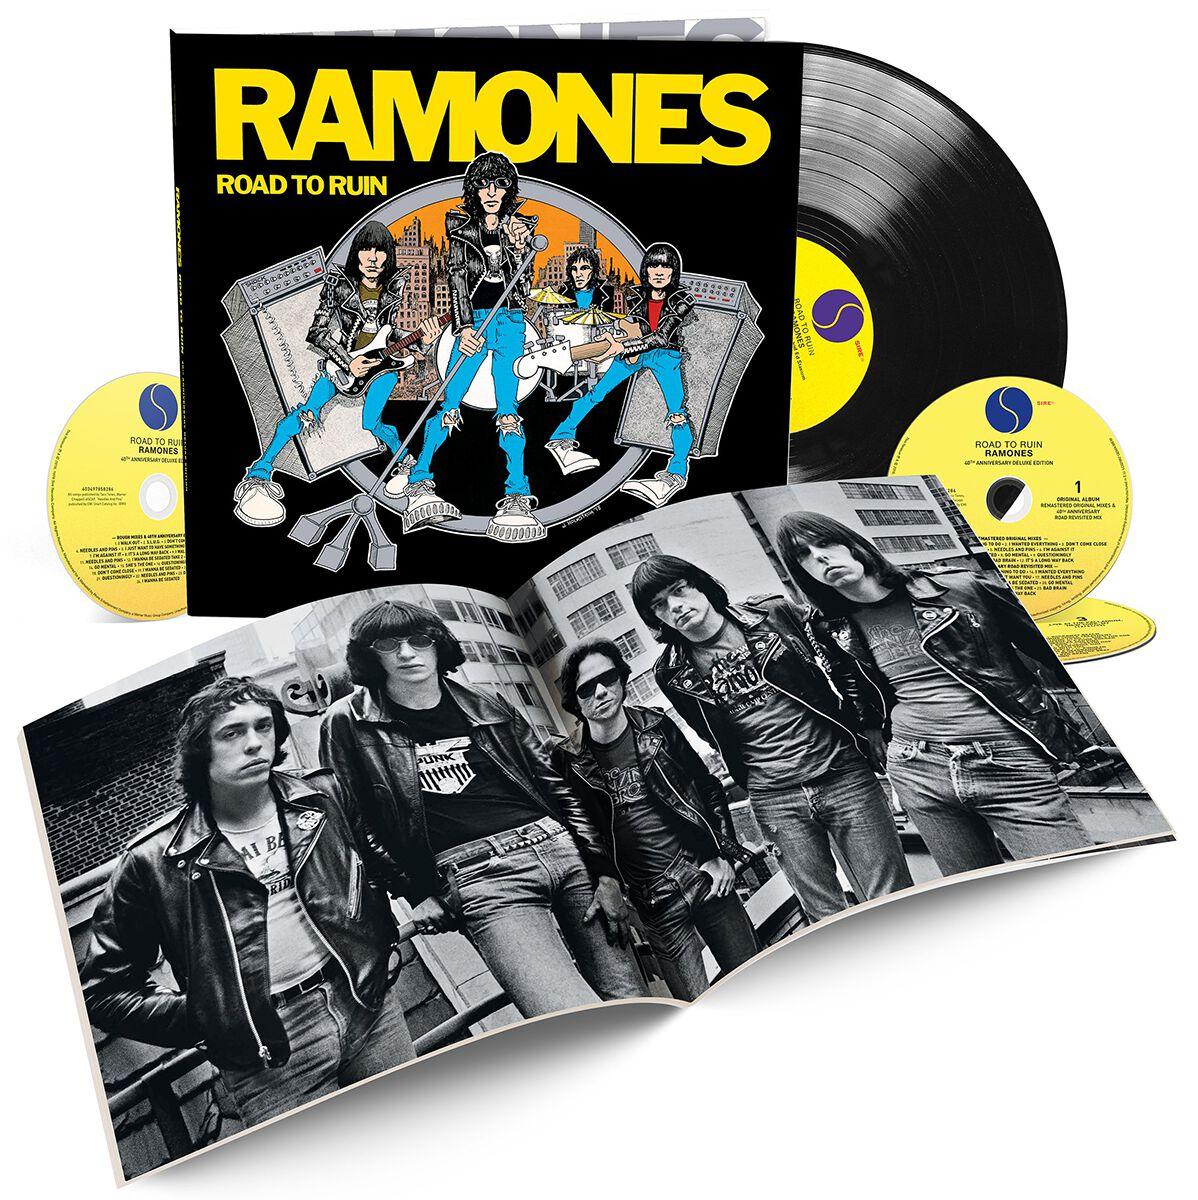 Ramones Road To Ruin 3-CD & LP Standard